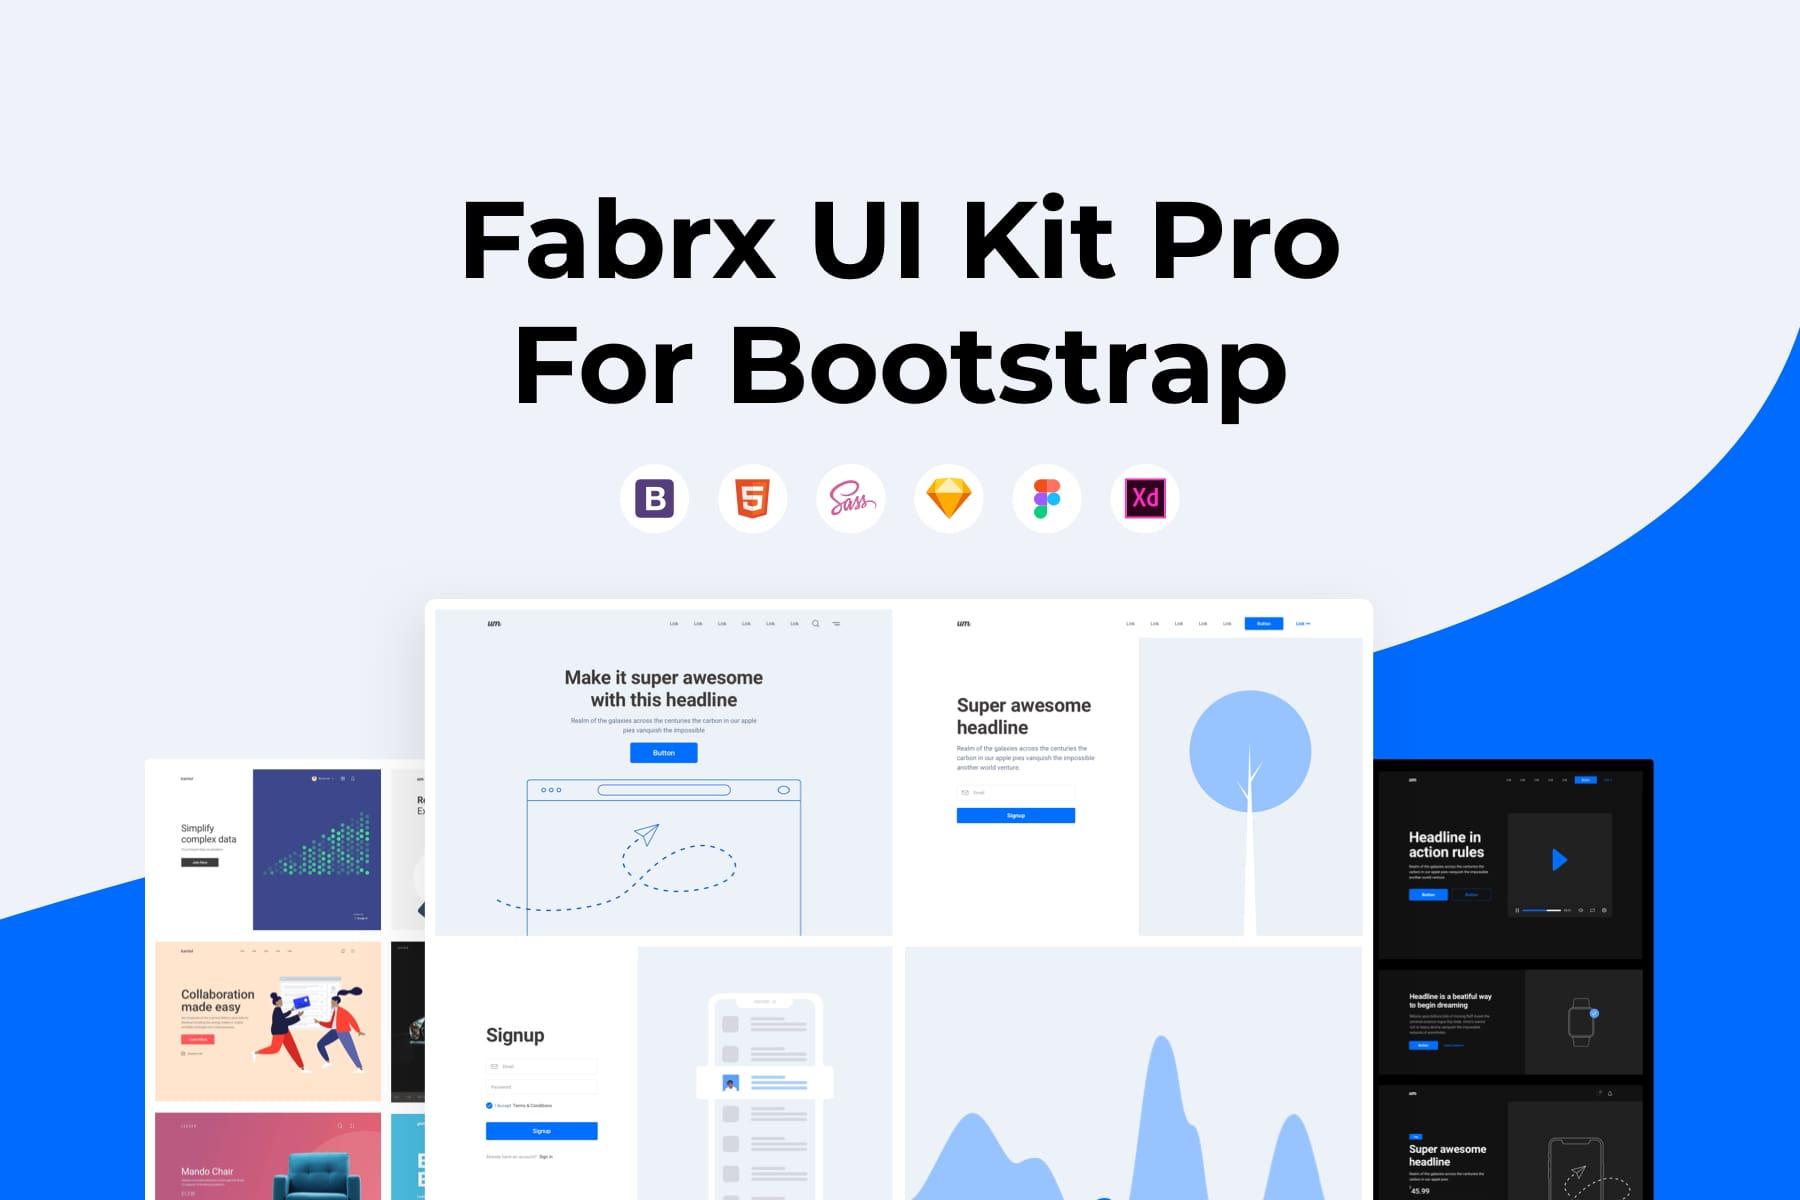 Fabrx UI Kit Pro